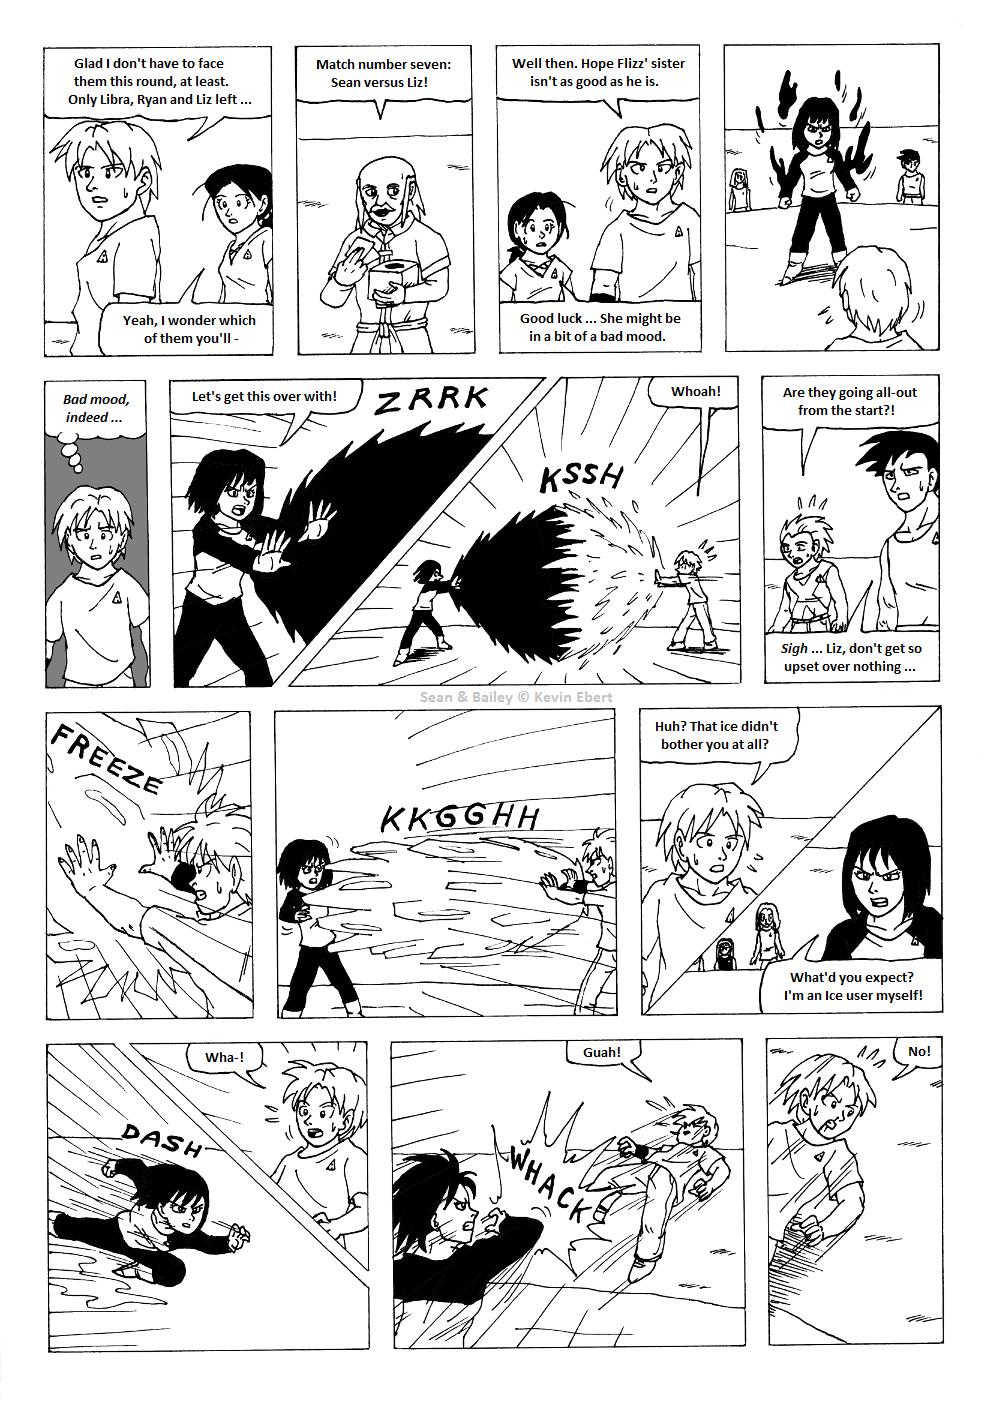 Sean & Bailey page 129